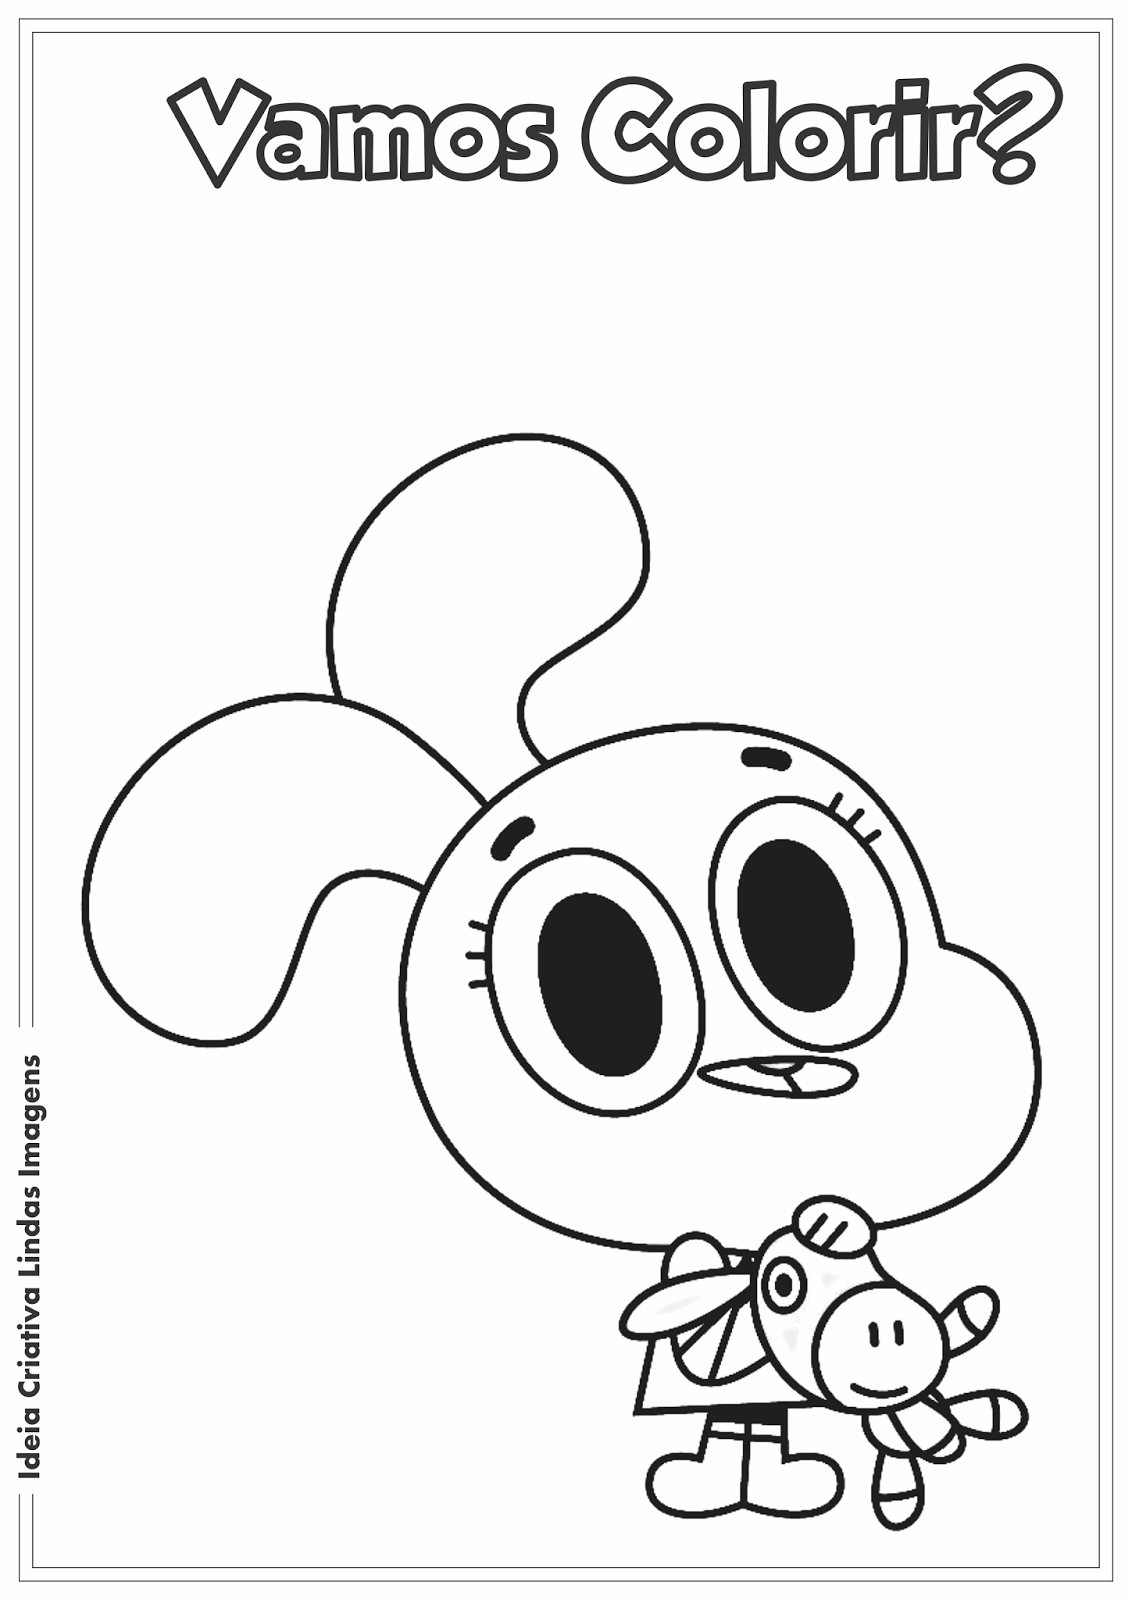 O incrível mundo de Gumball - Anais desenho para colorir